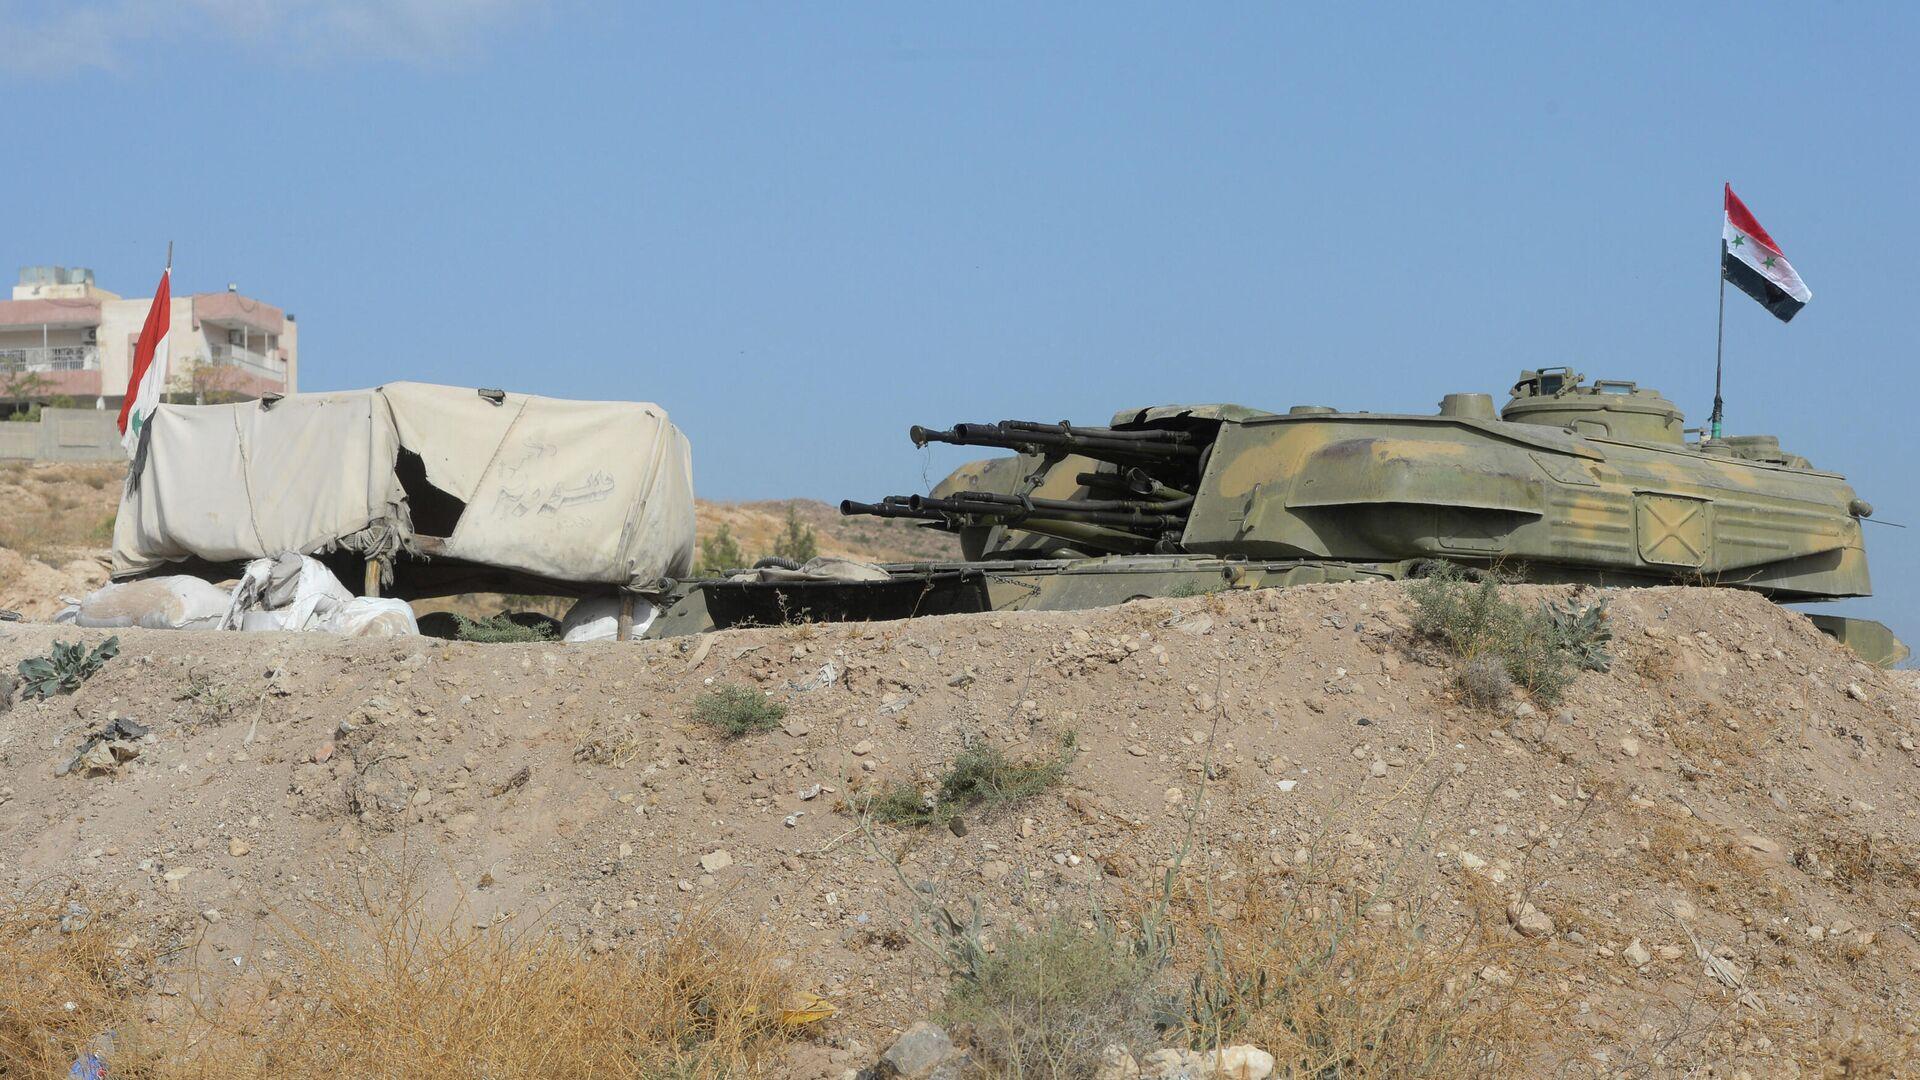 Зенитная самоходная установка Шилка на позиции 10-й дивизии 2-го корпуса Сирийской Арабской Армии у города Катана в Сирии - РИА Новости, 1920, 25.07.2021